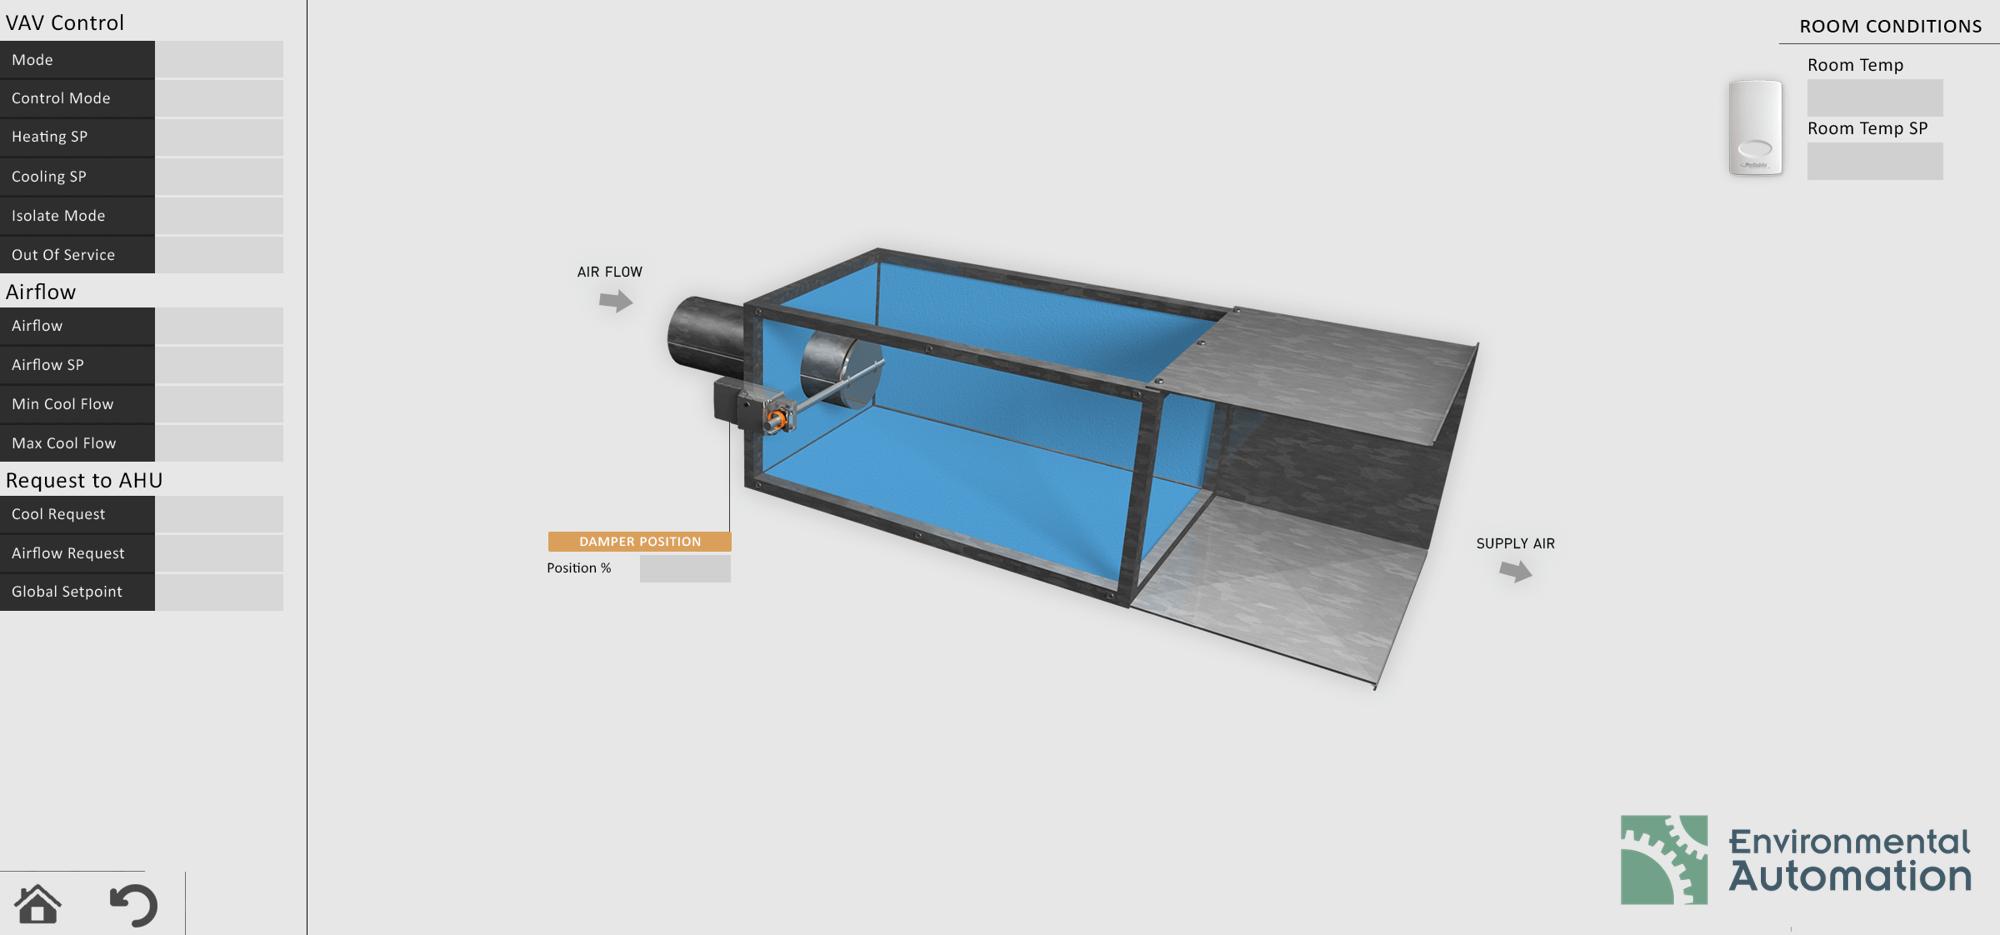 Visualisation Image 4 - VAV_A